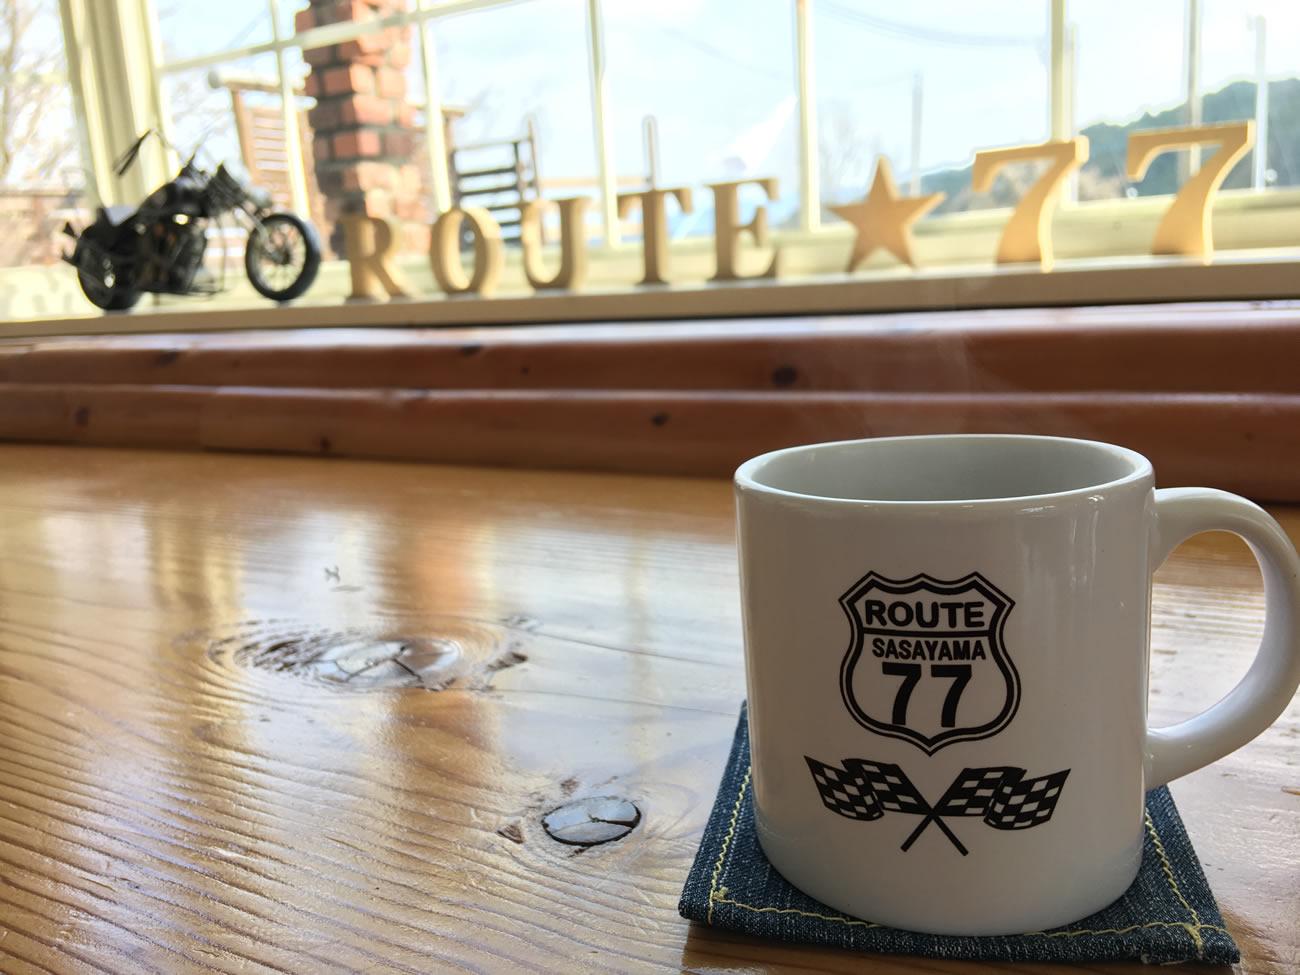 ルート77のホットコーヒー